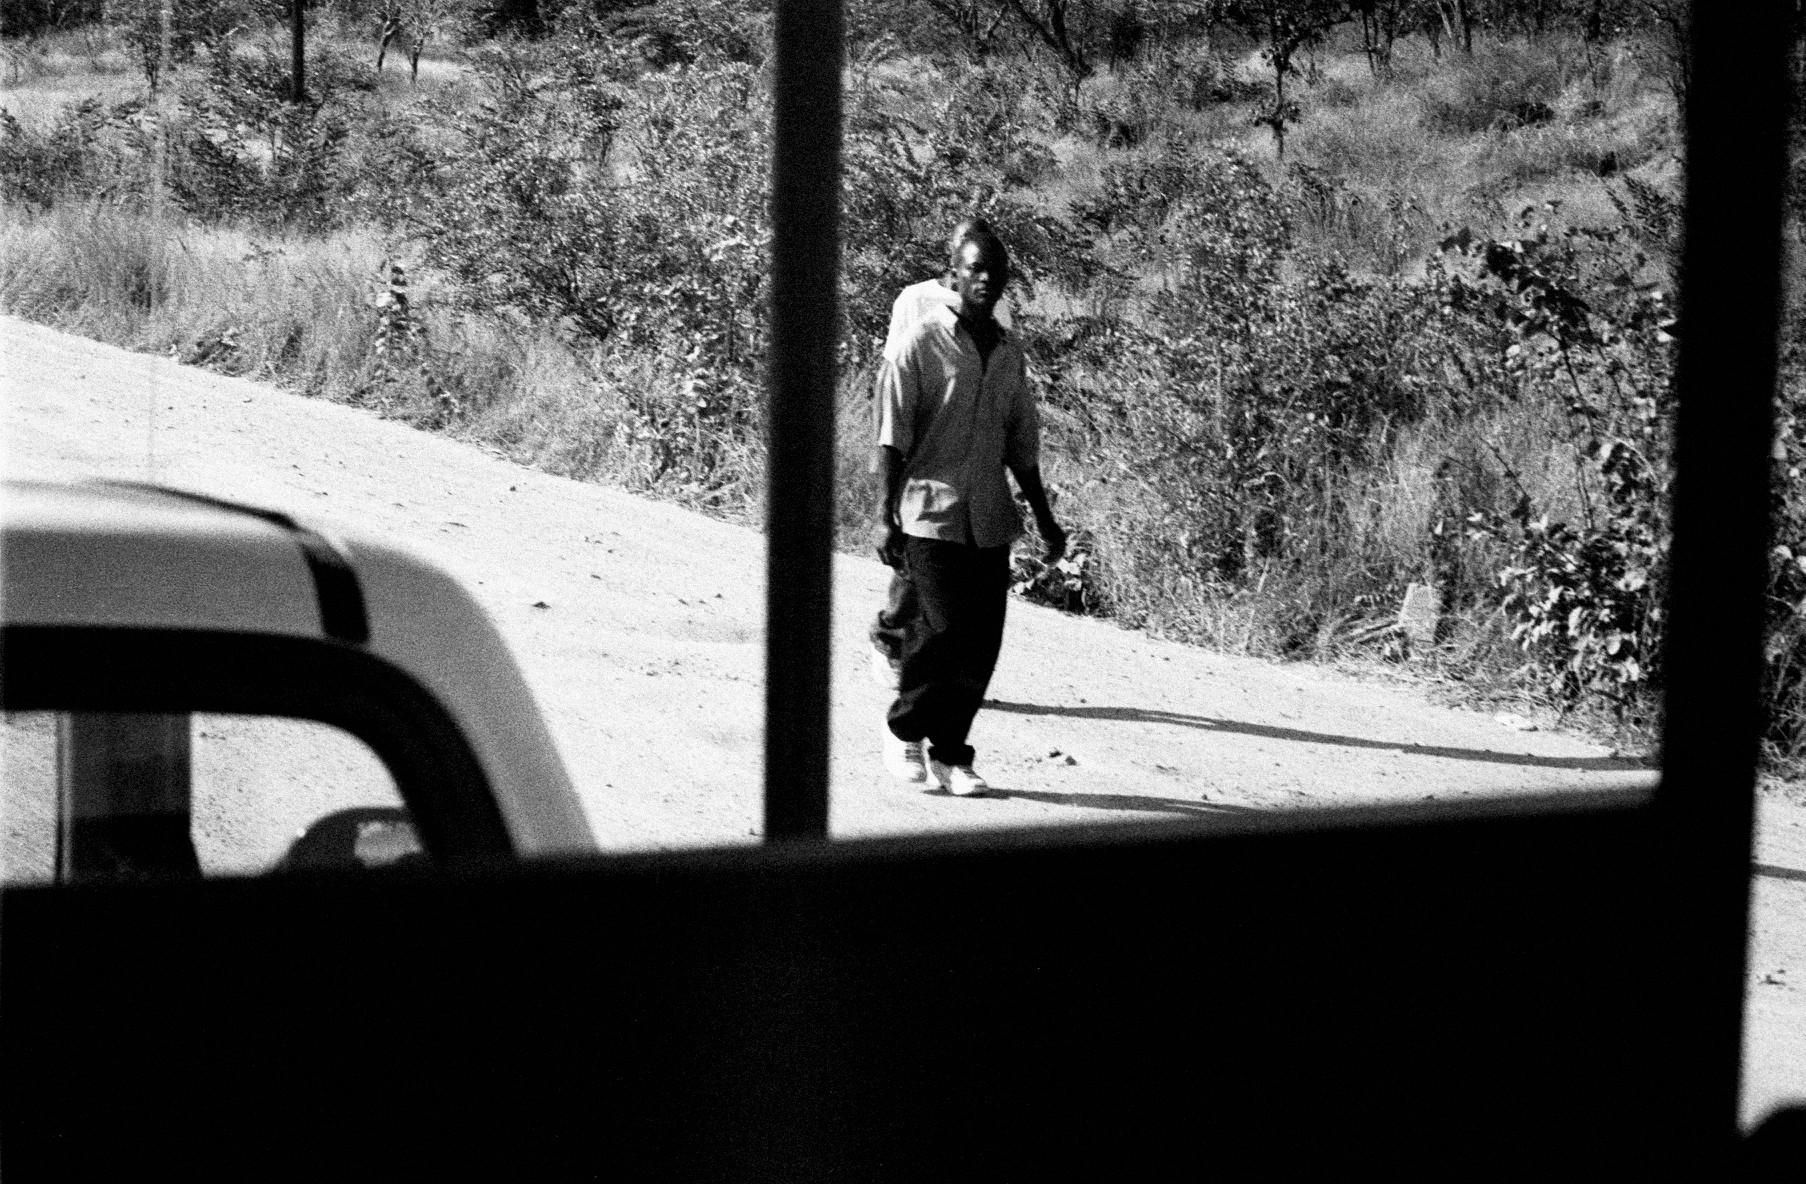 12_homens na estrada.jpg